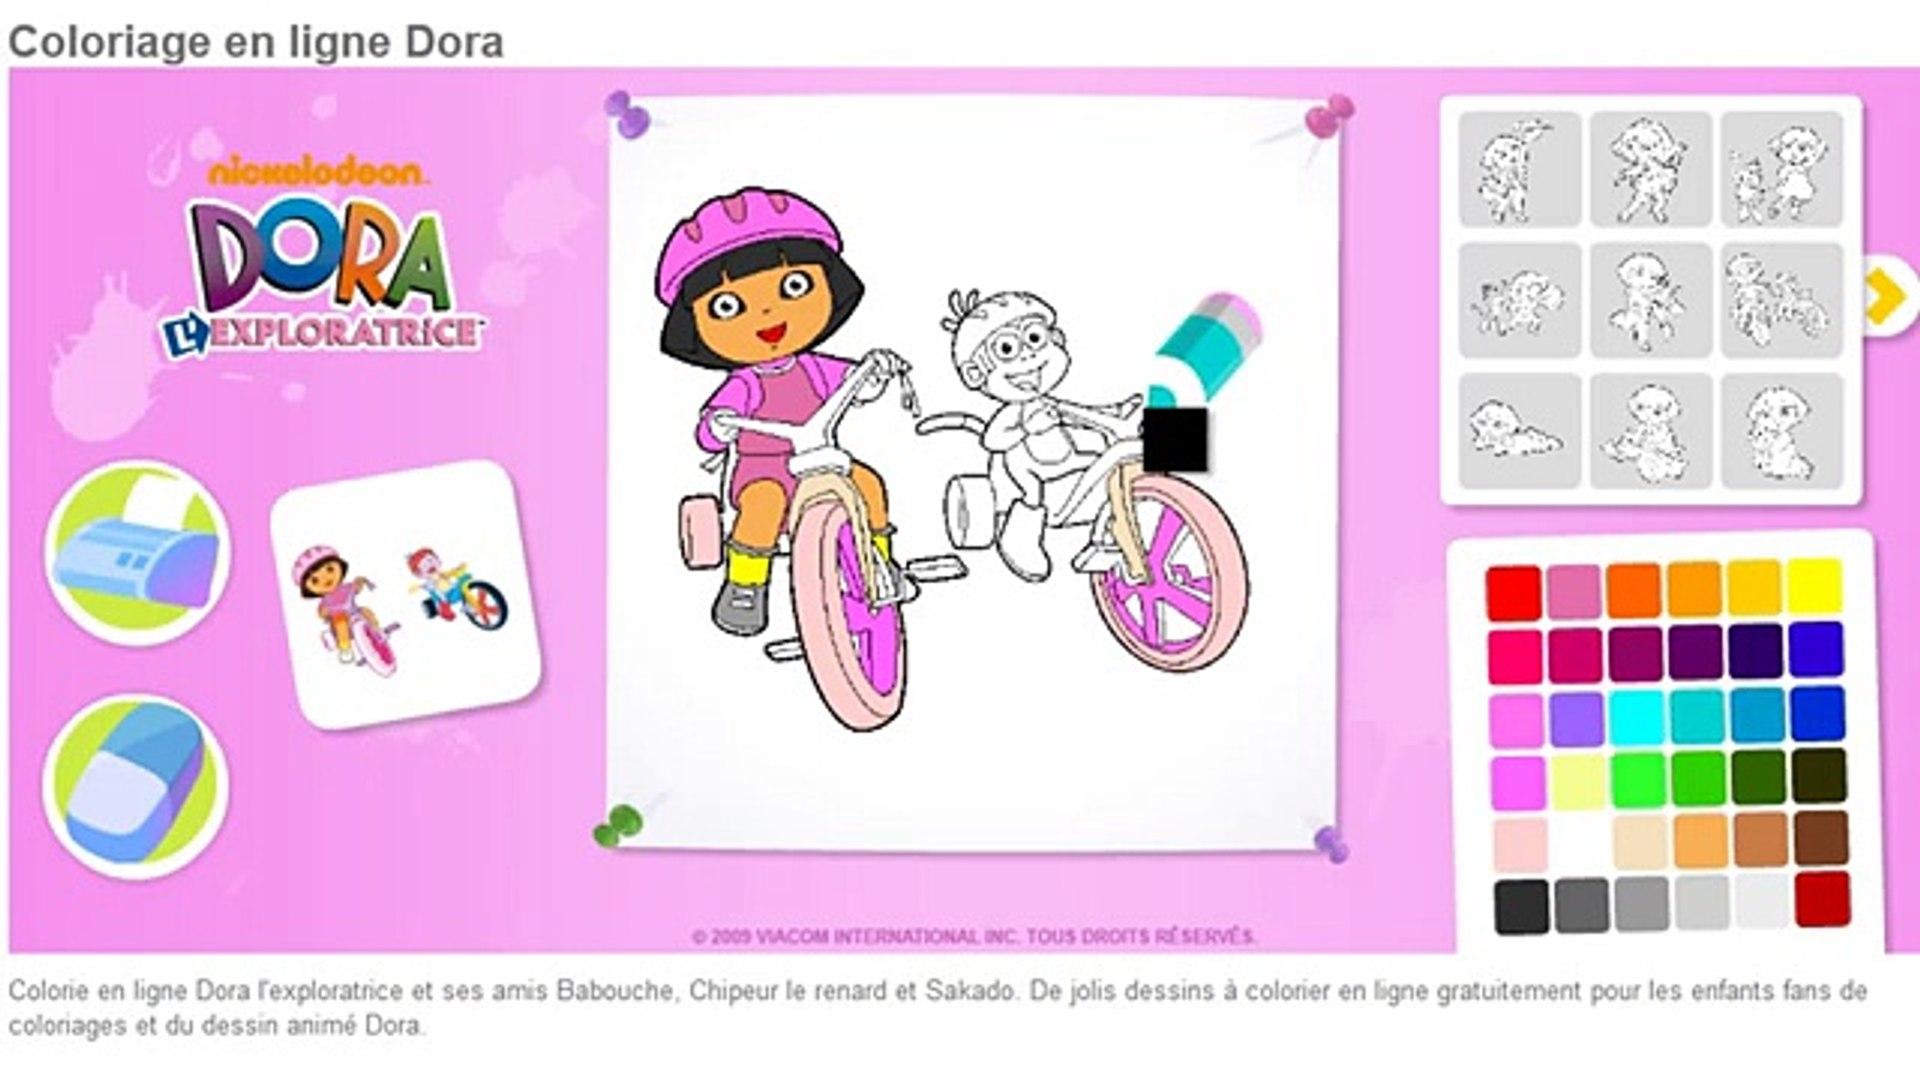 Dora Lexploratrice Dora Coloriage En Ligne Jeu Drole Enfants